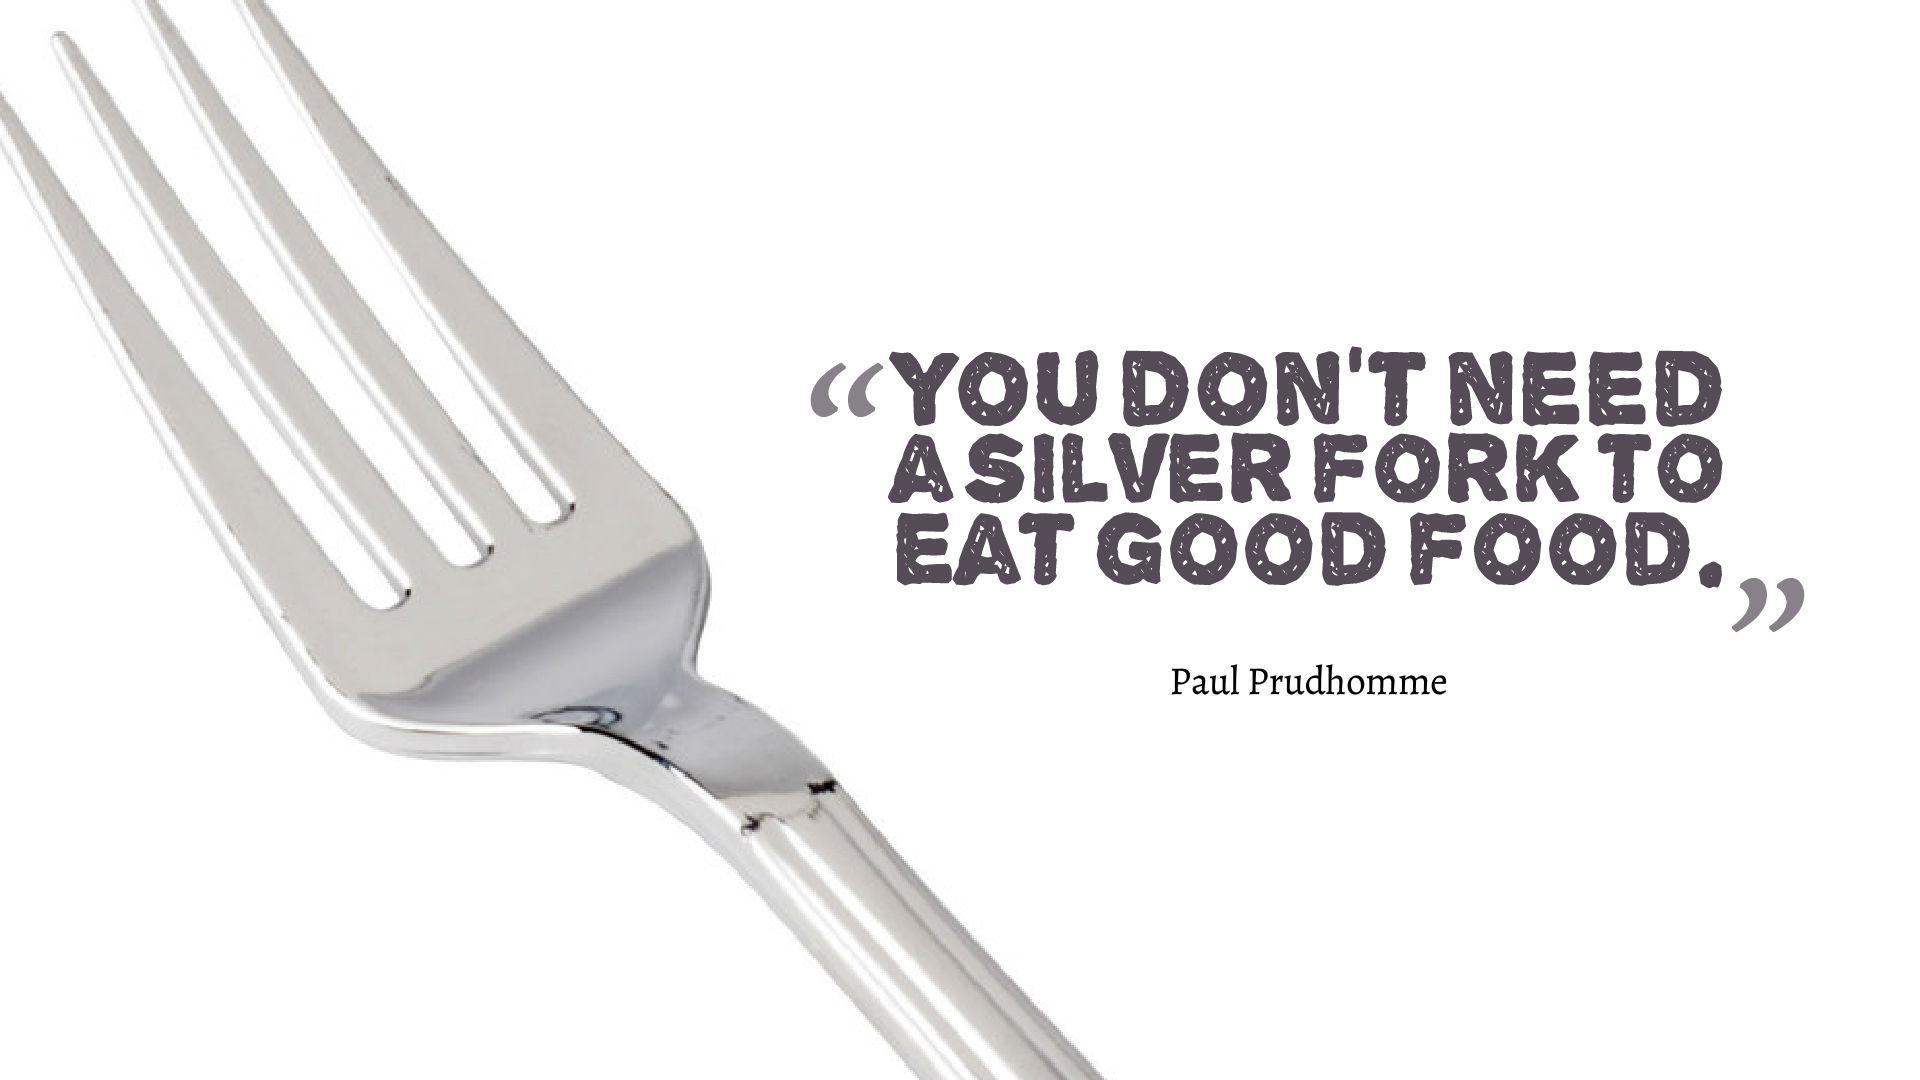 Food Quotes Desktop Wallpaper - Food Quotes Wall Paper - HD Wallpaper